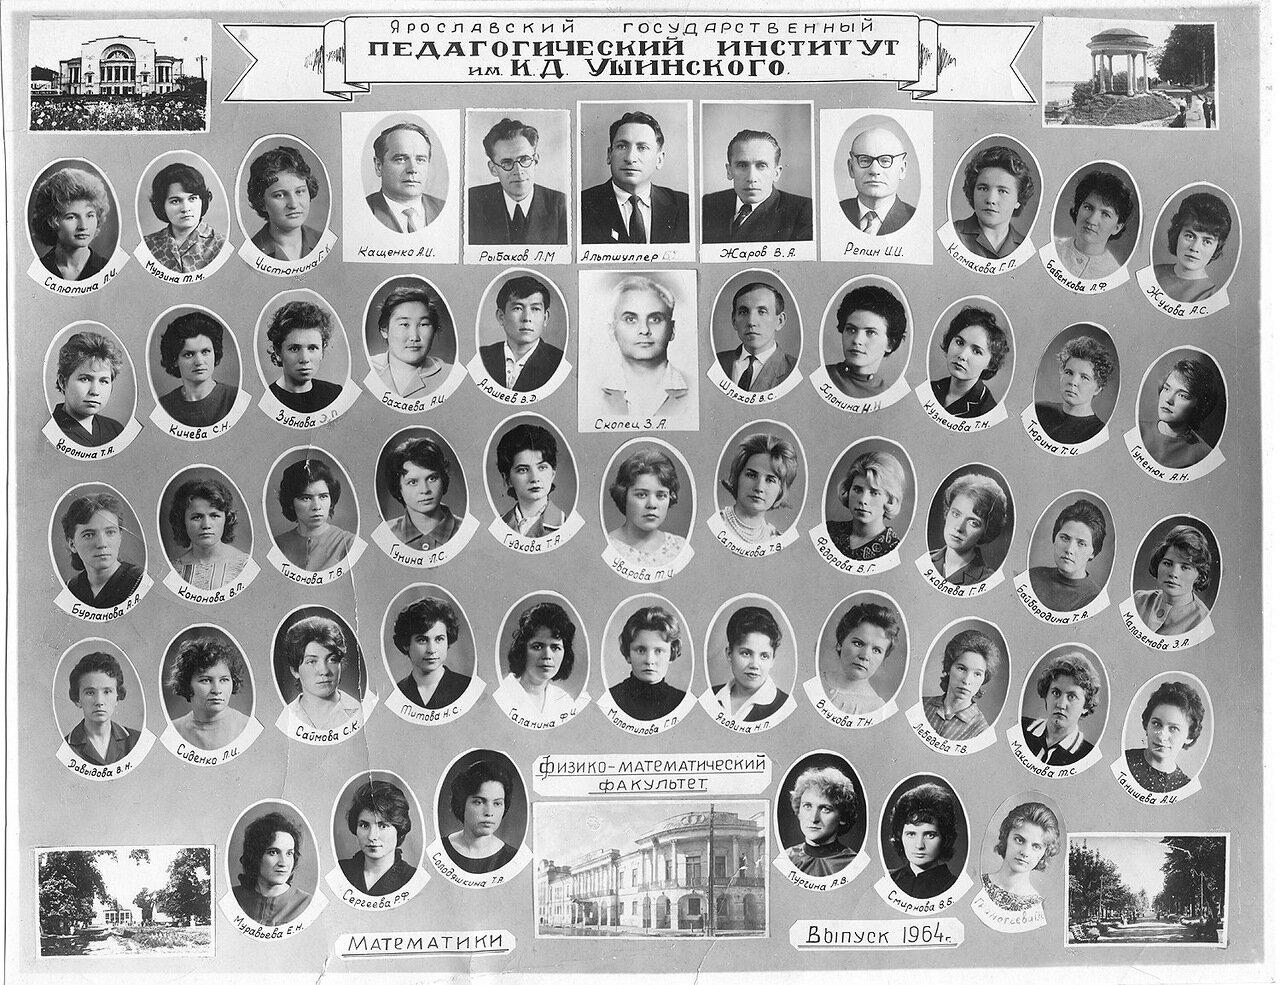 1964. Ярославский государственный педагогический институт им. К.Д. Ушинского.